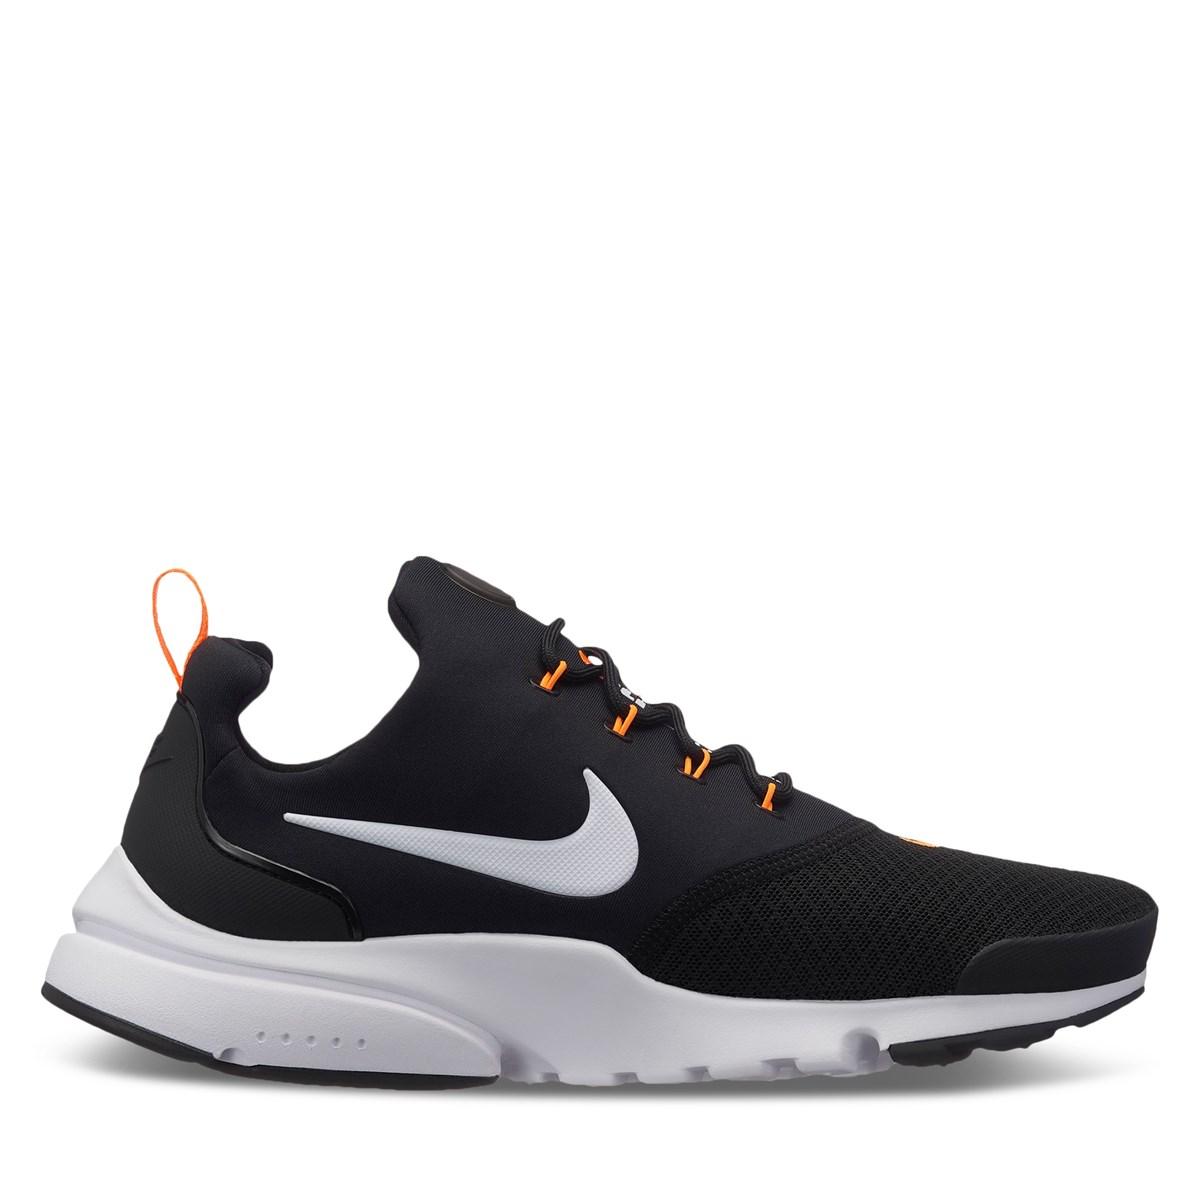 Men's Presto Fly JDI Sneakers in Black